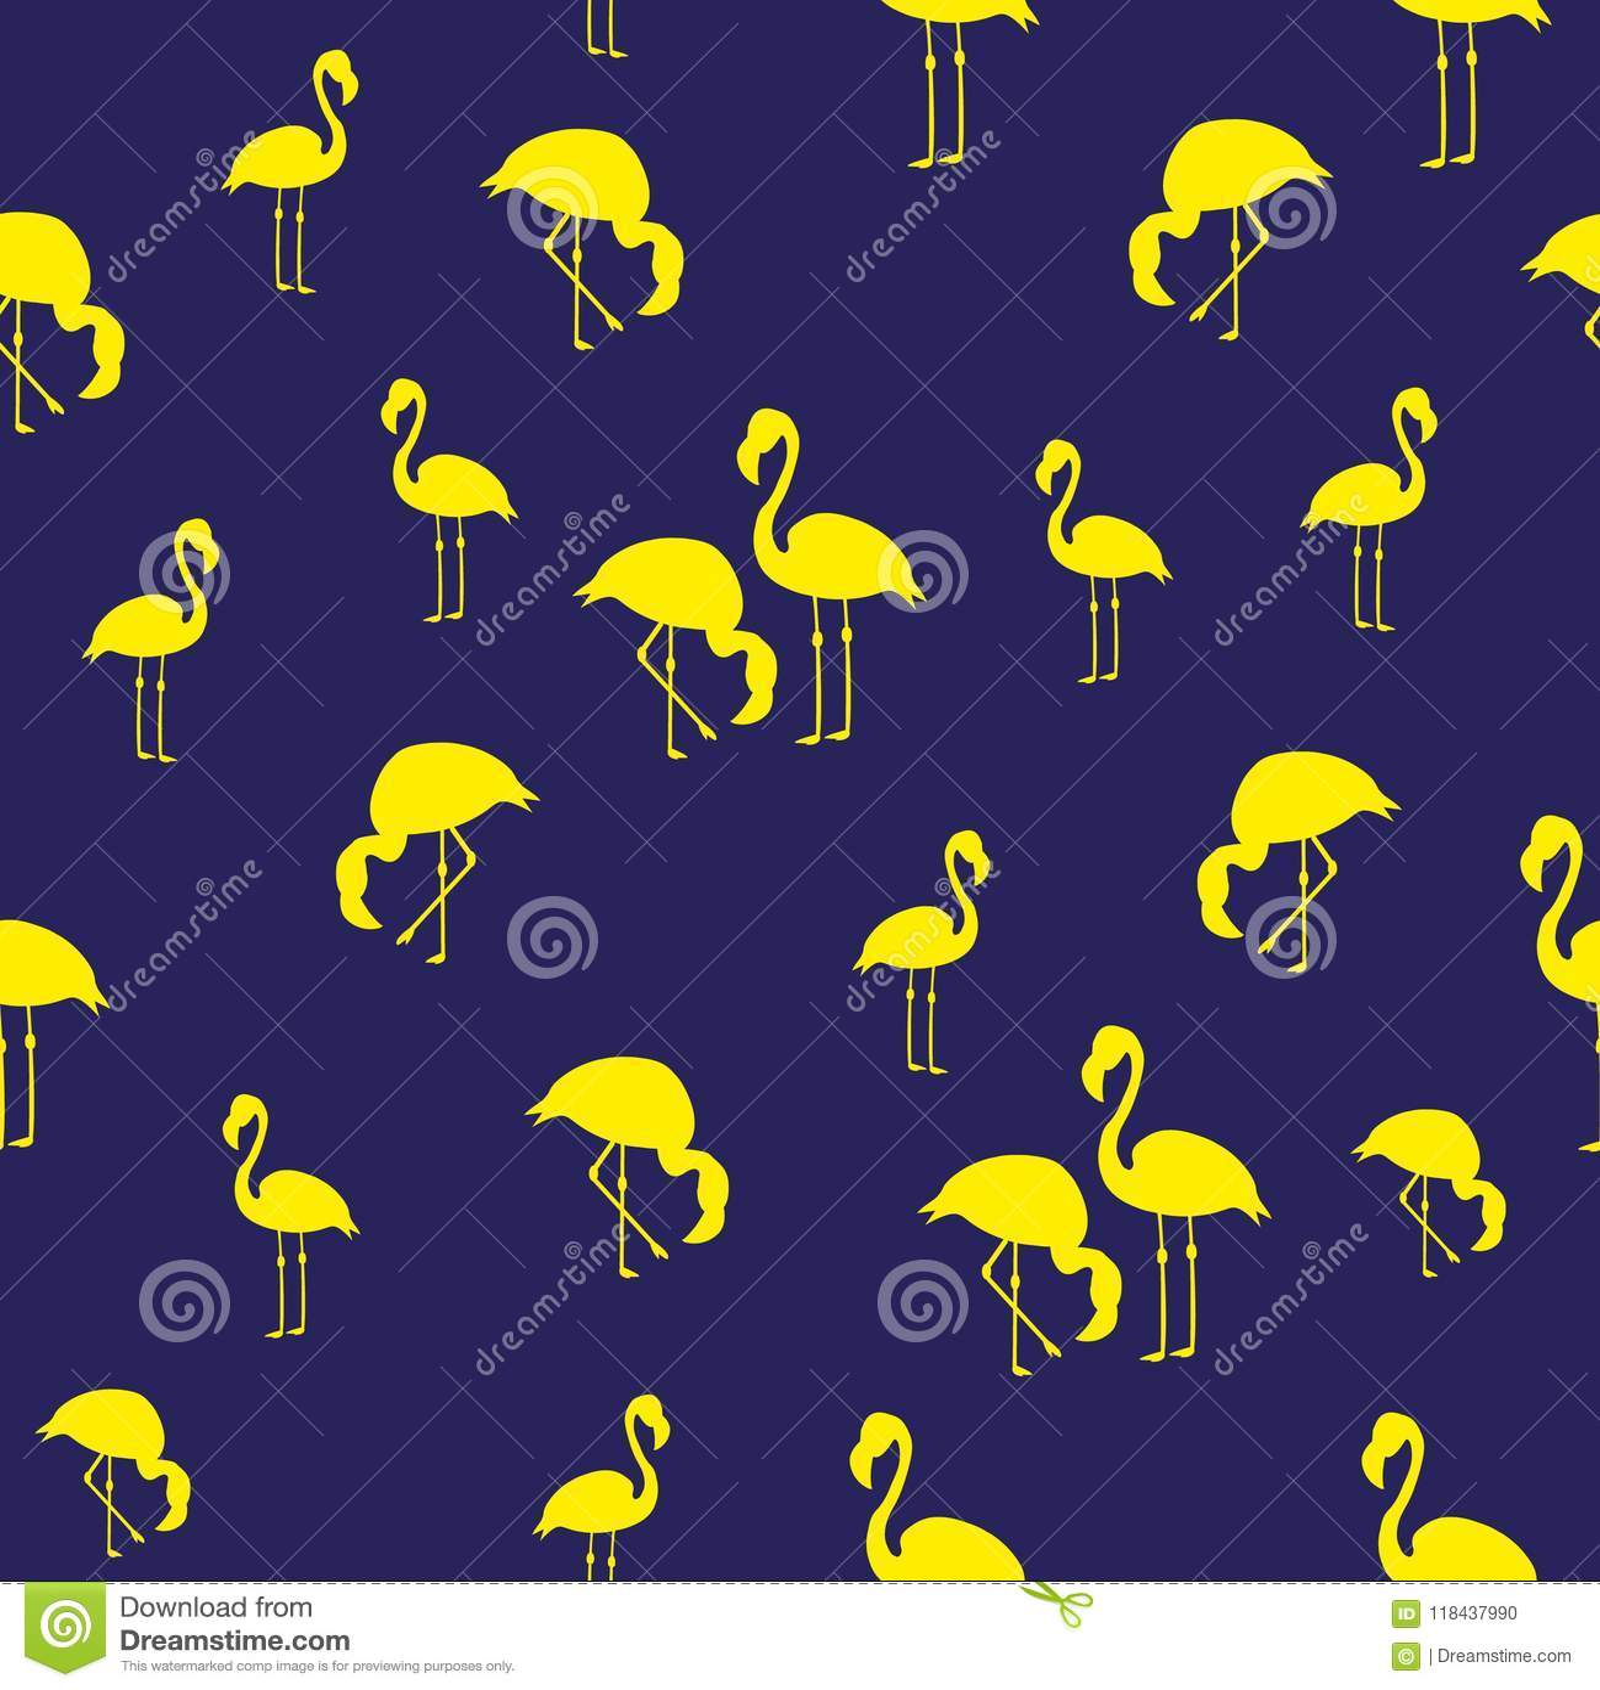 Лета фламинго птиц иллюстрации картина тропического экзотического безшовная голубой желтый цвет